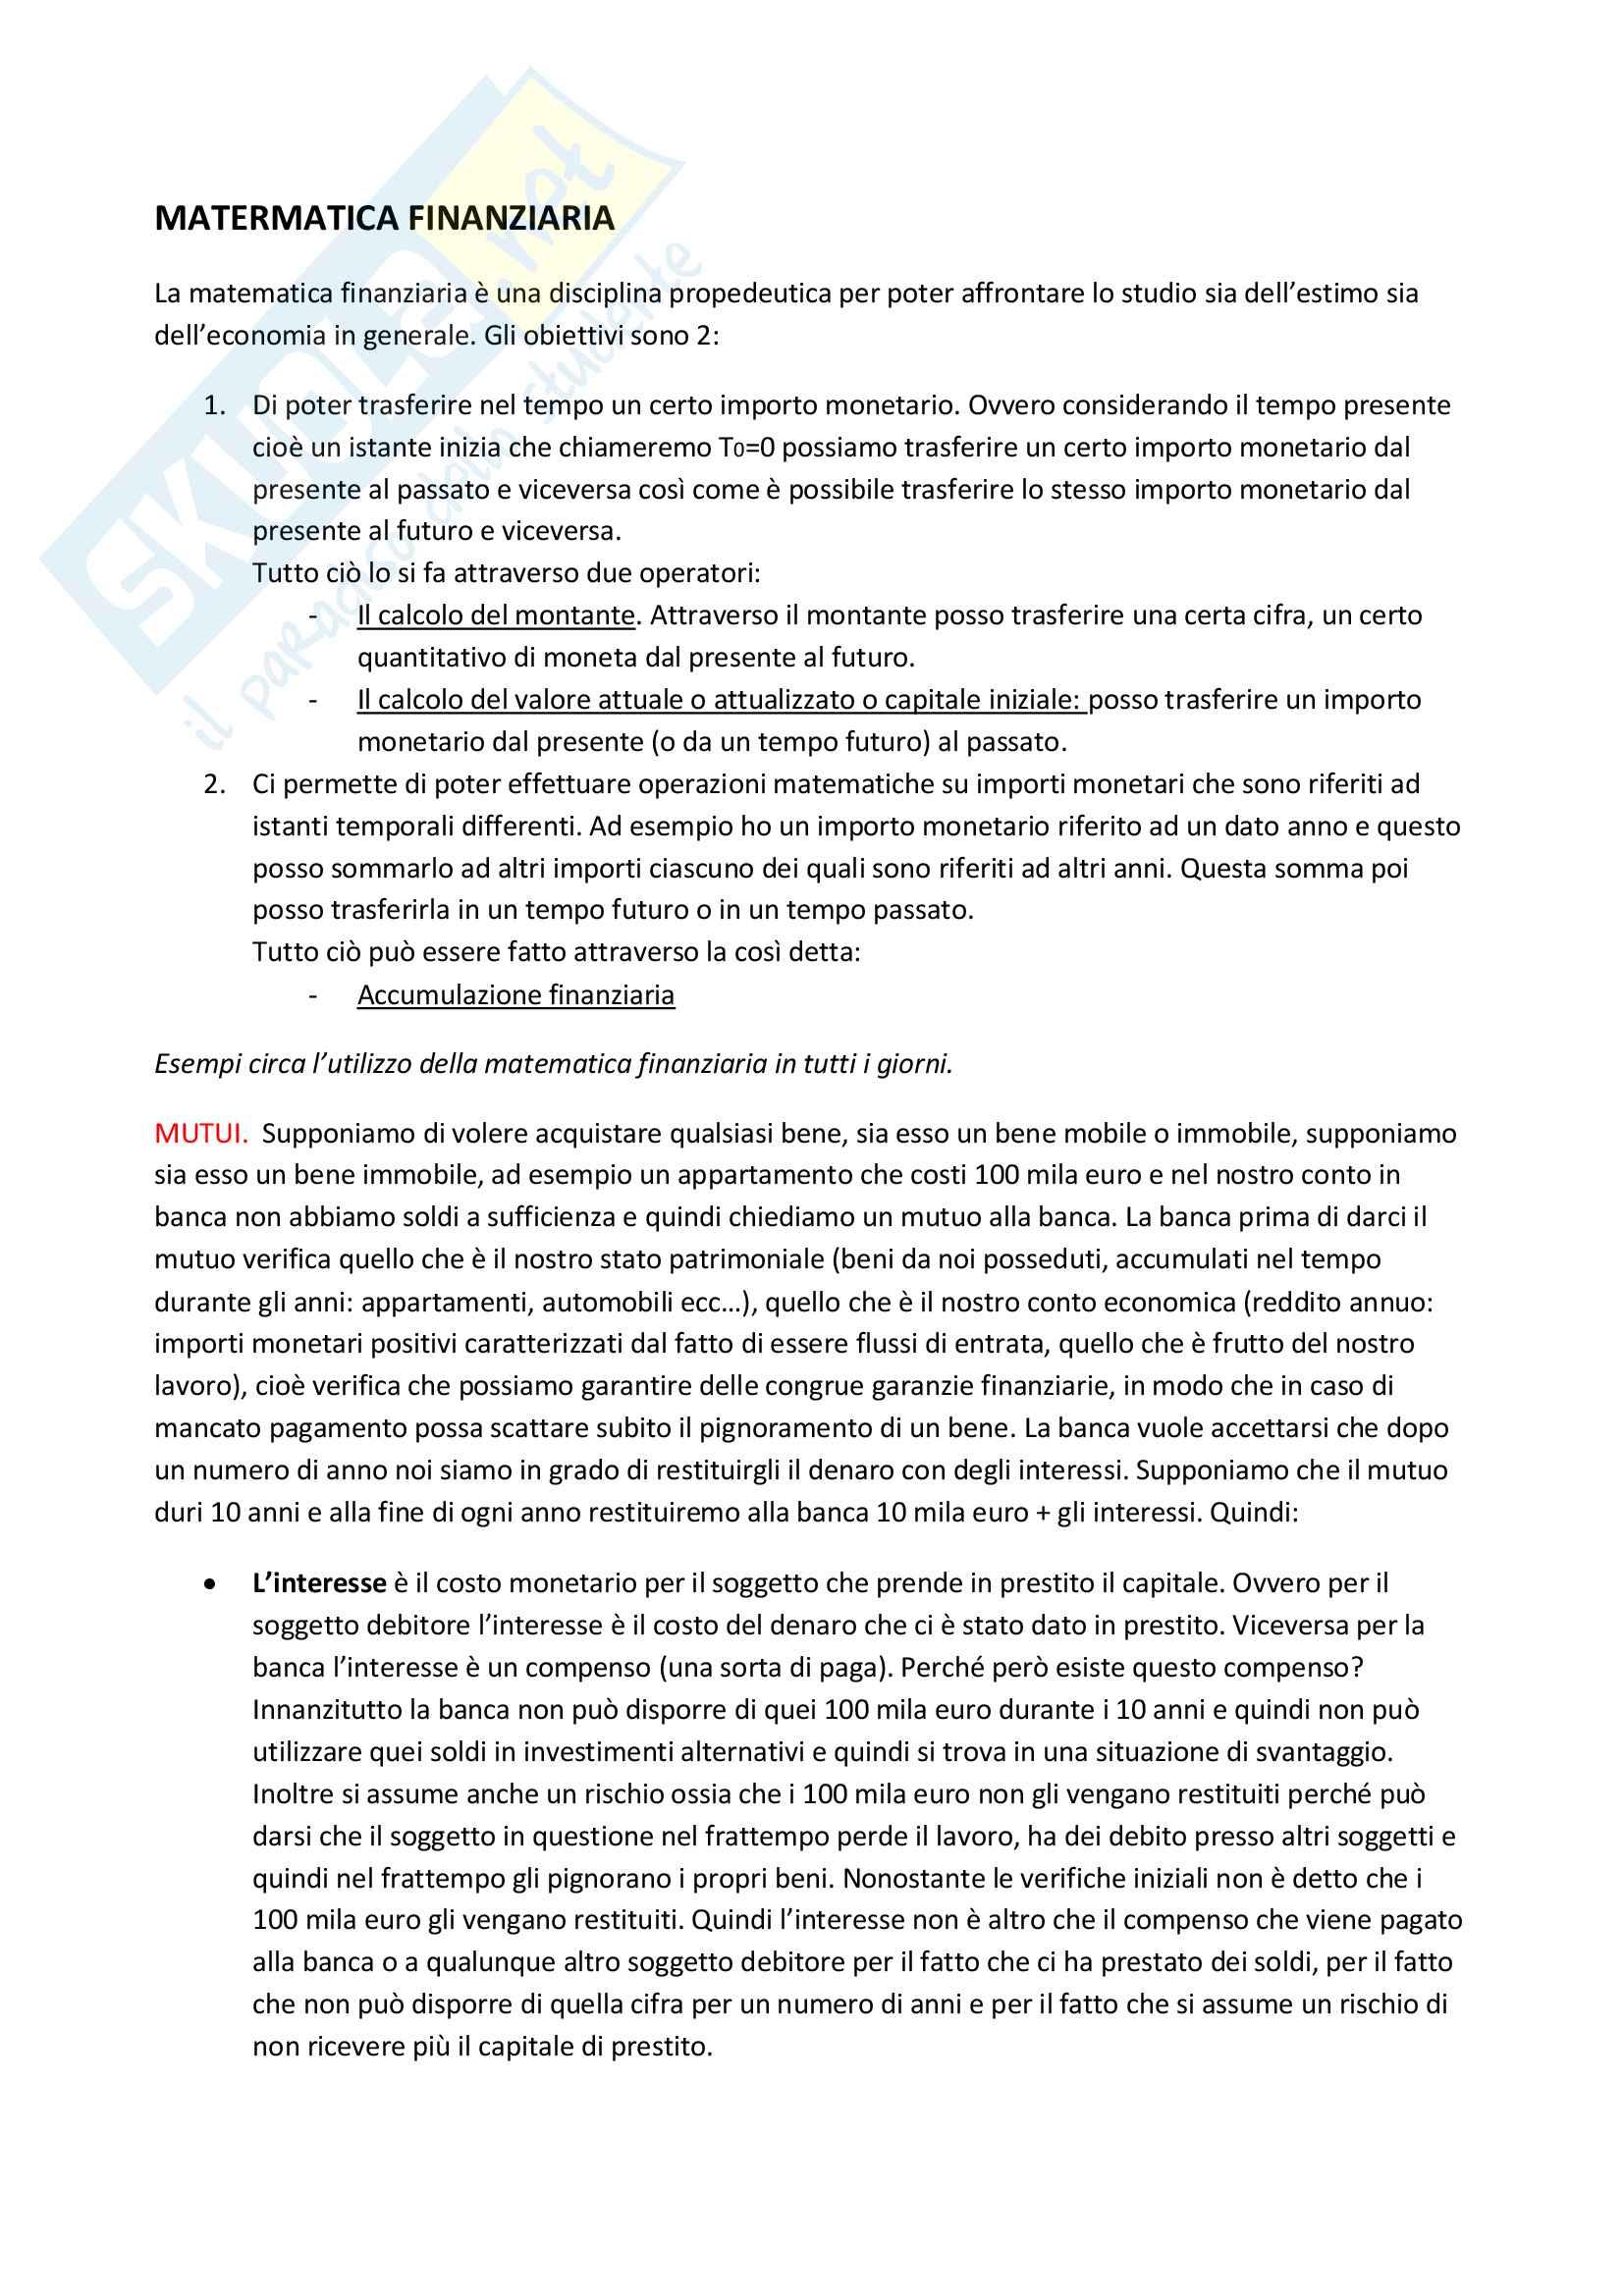 Matematica finanziaria, Bilancio Aziendale, Economia ed Estimo